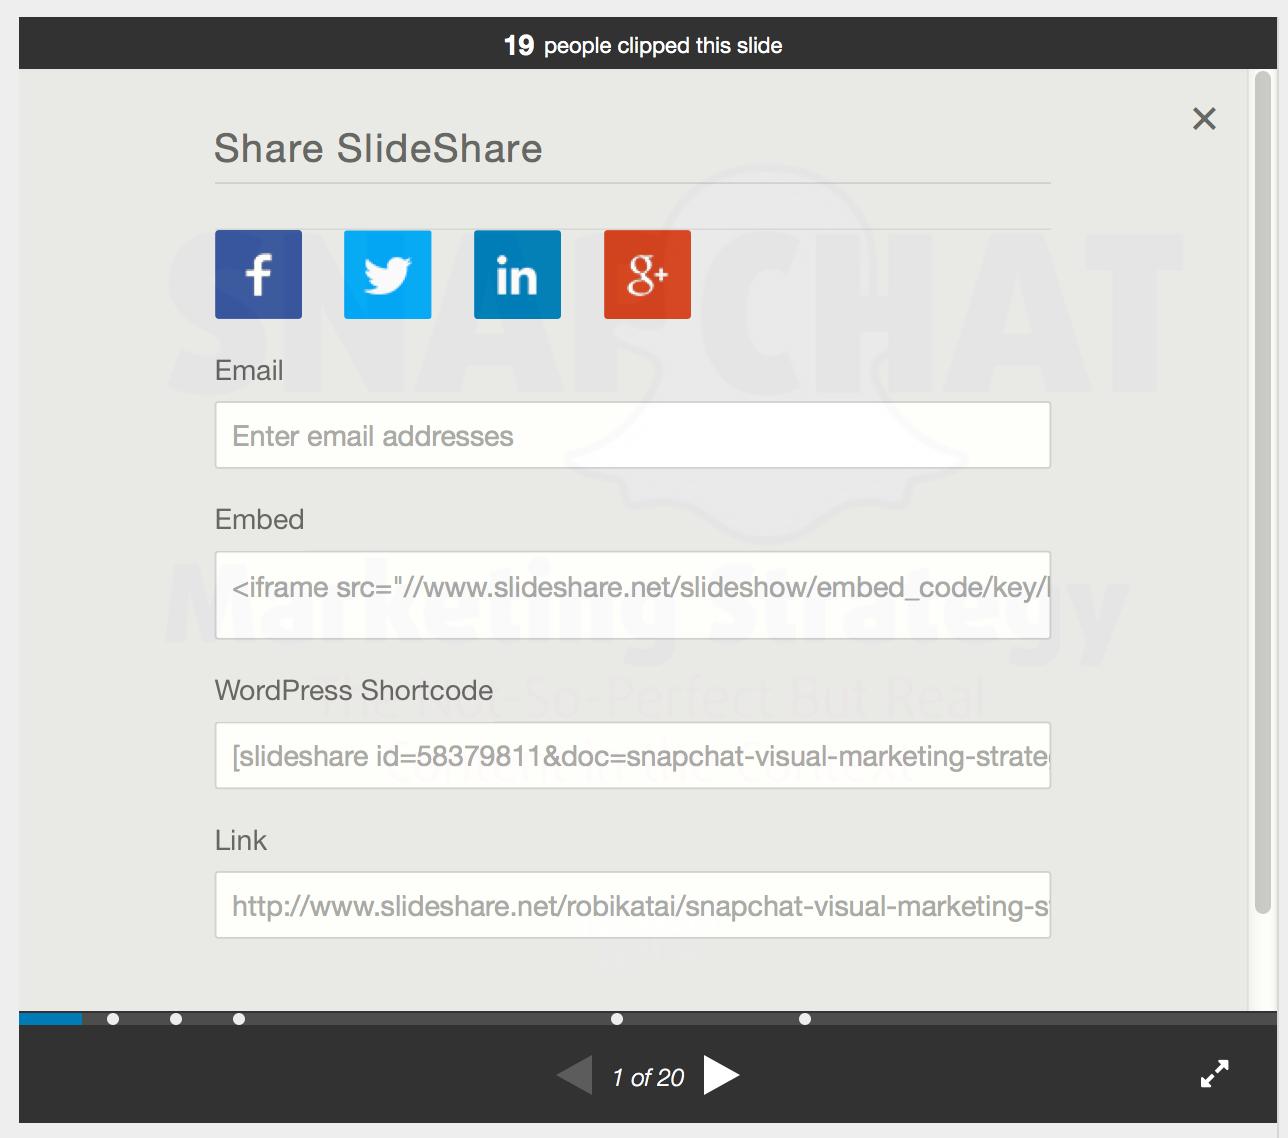 Slideshare social media share